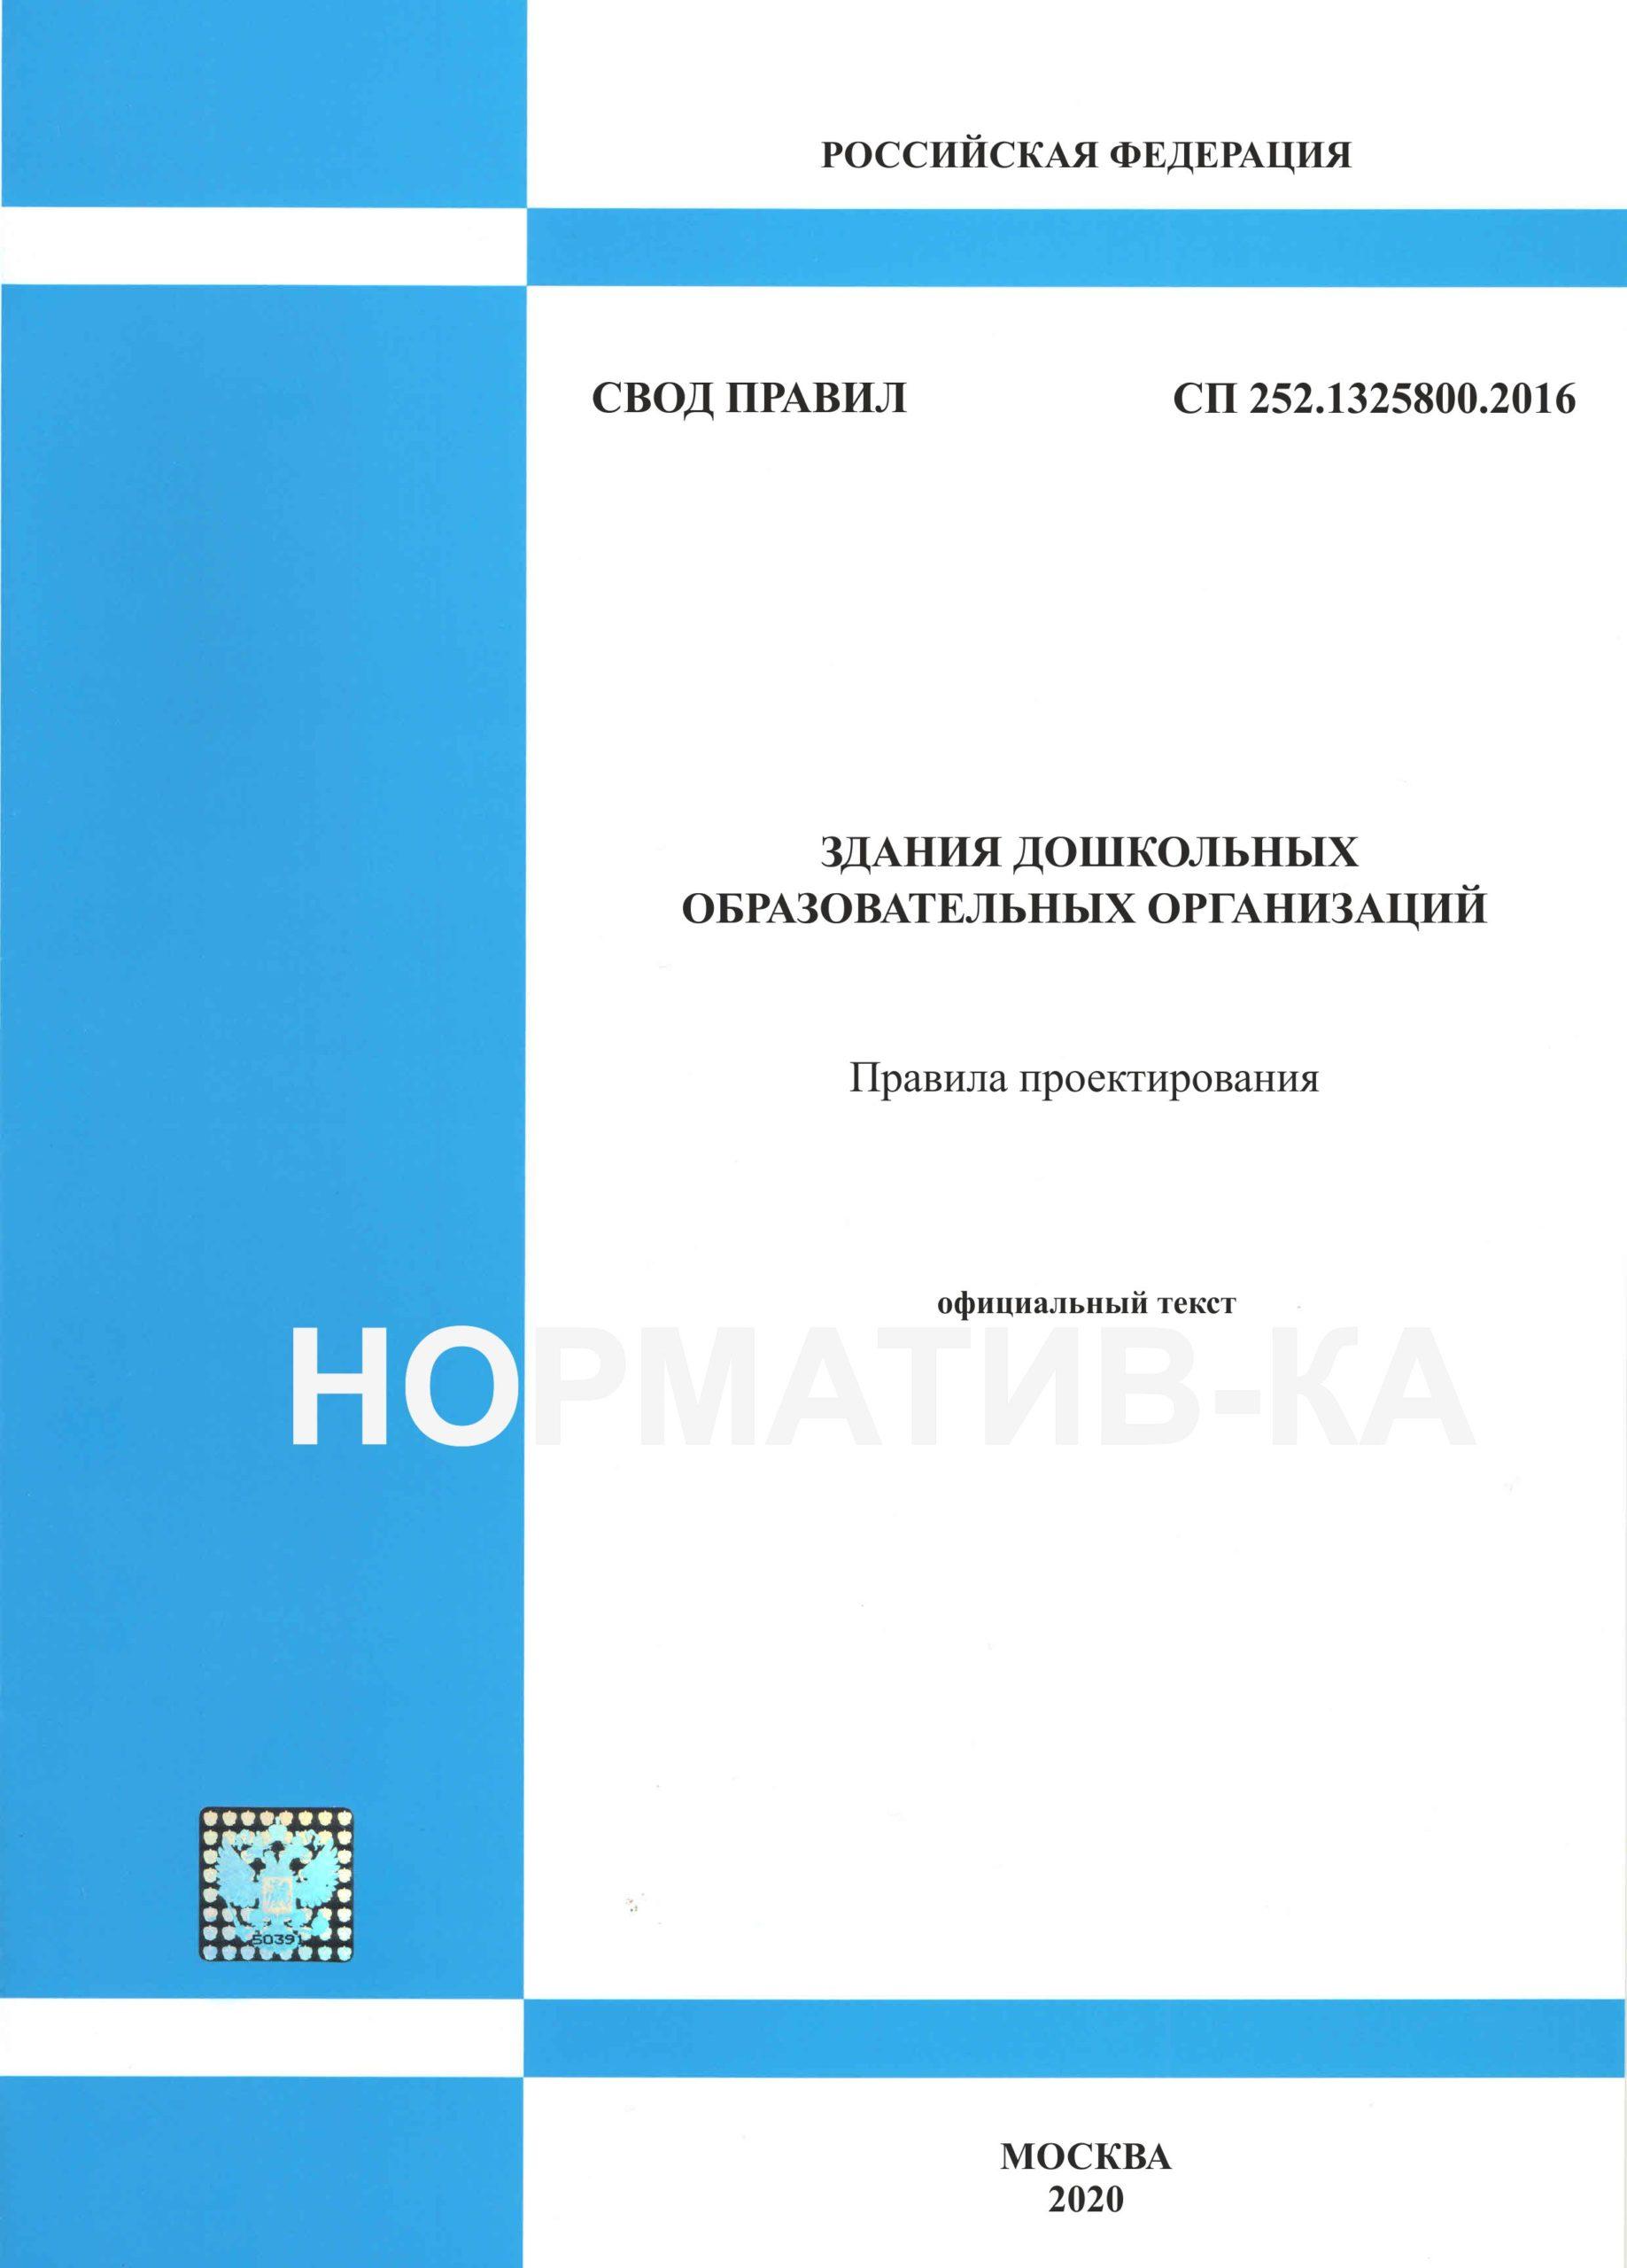 СП 252.1325800.2016